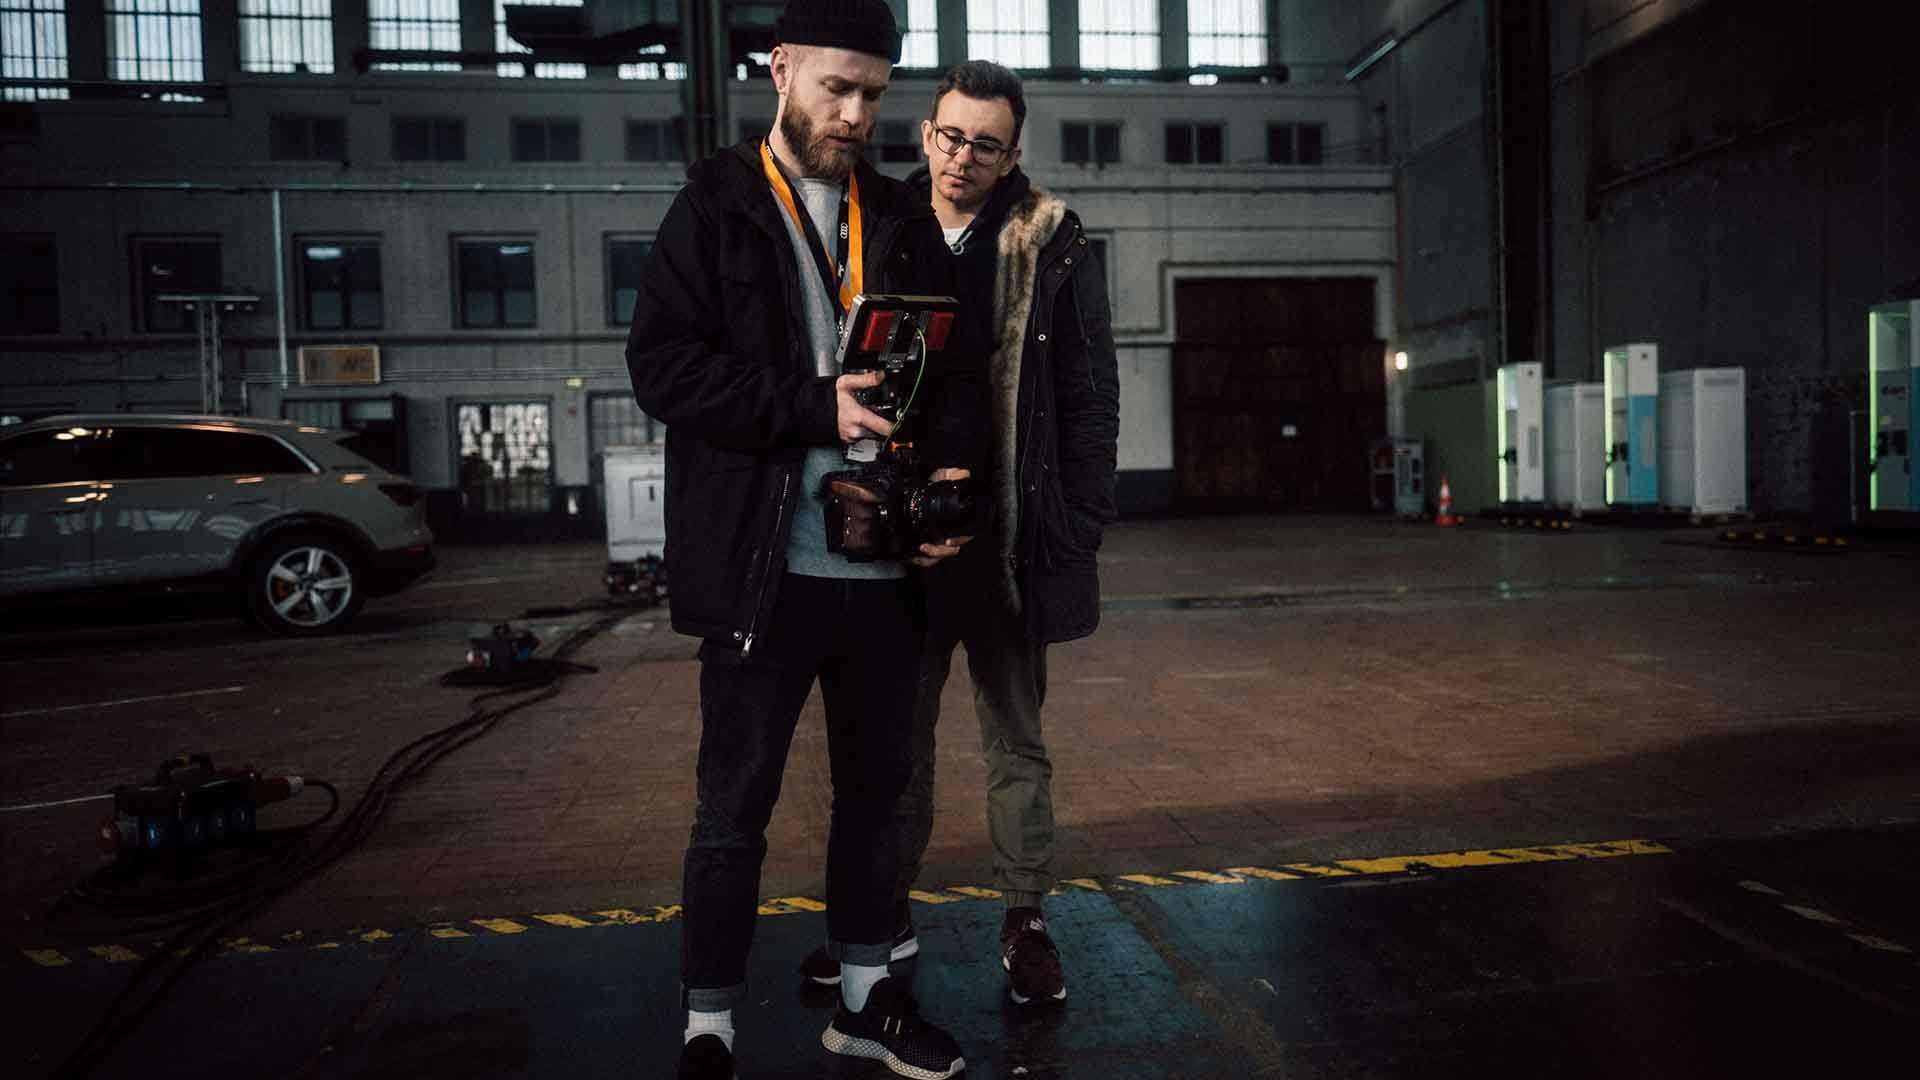 Das Bild zeigt zwei Männer, die ein Gespräch miteinander führen. Der Mann auf der linken Seite hält eine Kamera in seinen Händen. Der Mann auf der rechten Seite schaut dem Mann mit der Kamera über die Schulter direkt in den Monitor der Kamera. Beide stehen in einer Garage. Das Bild dient als Sliderbild für den Portfolioeintrag Audi | Electrifying Berlinale von Panda Pictures.